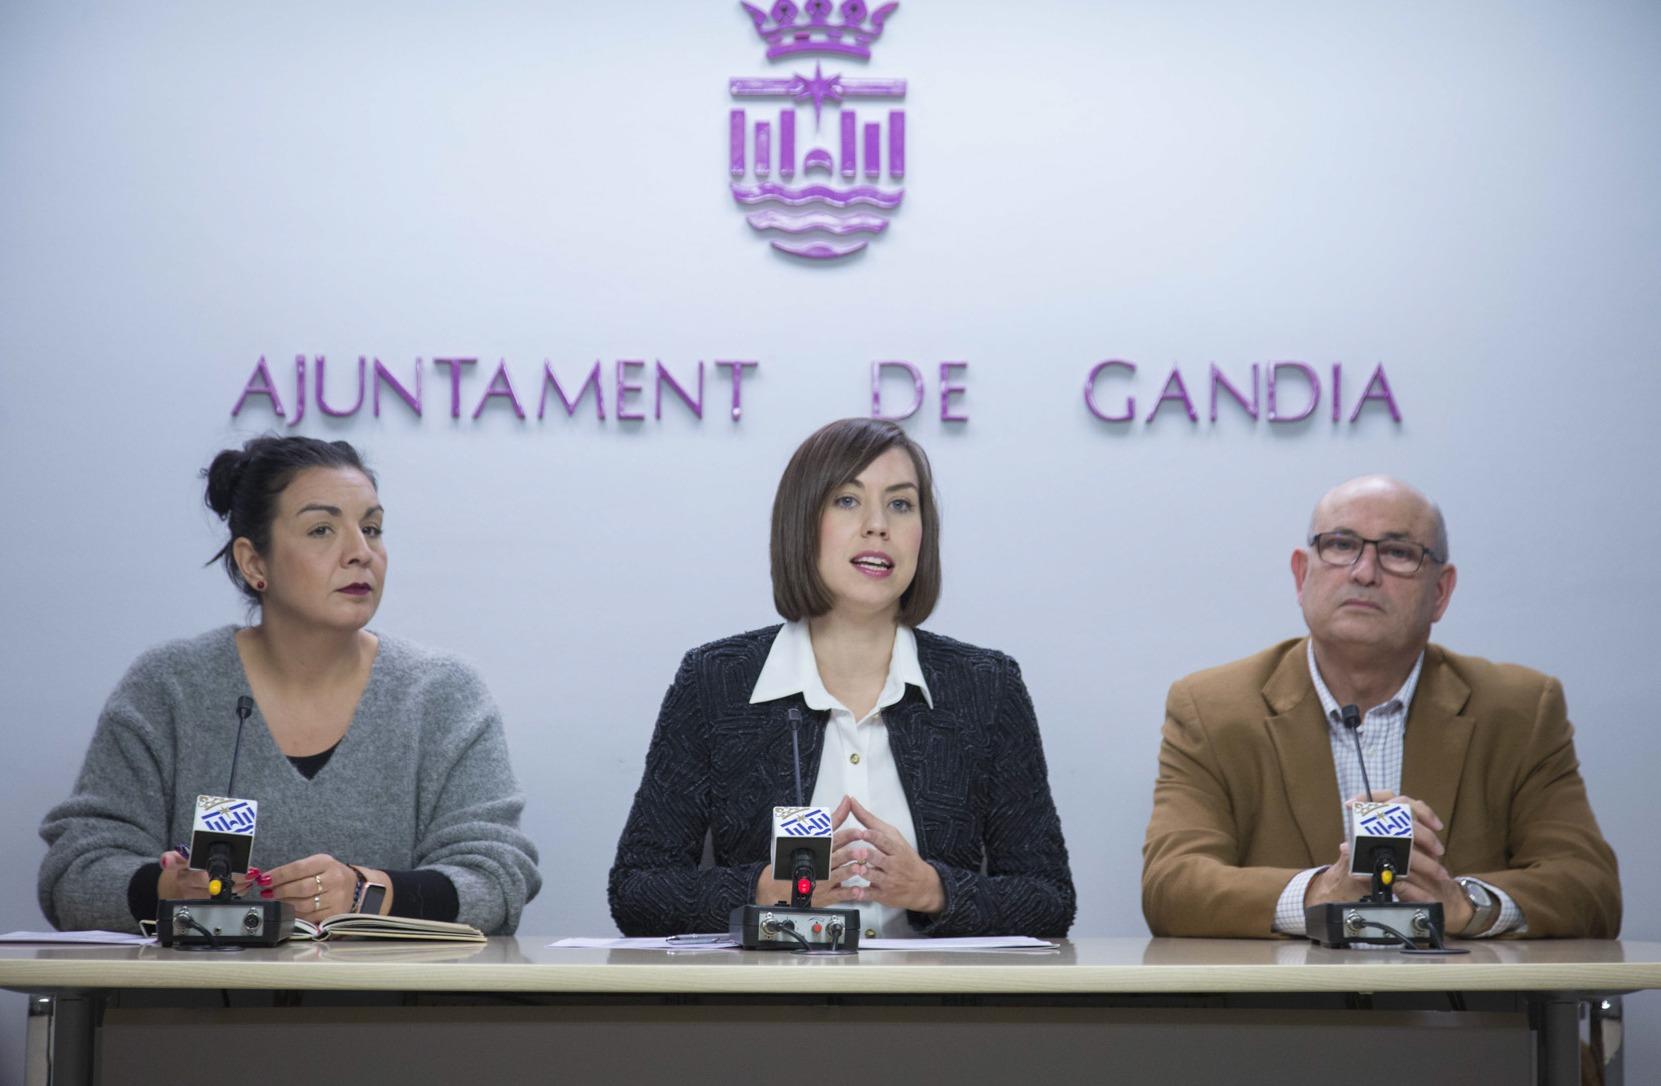 El gobierno de Gandia cierra la empresa IPG la «herramienta de enchufismo y gestión oscura del Partido Popular»